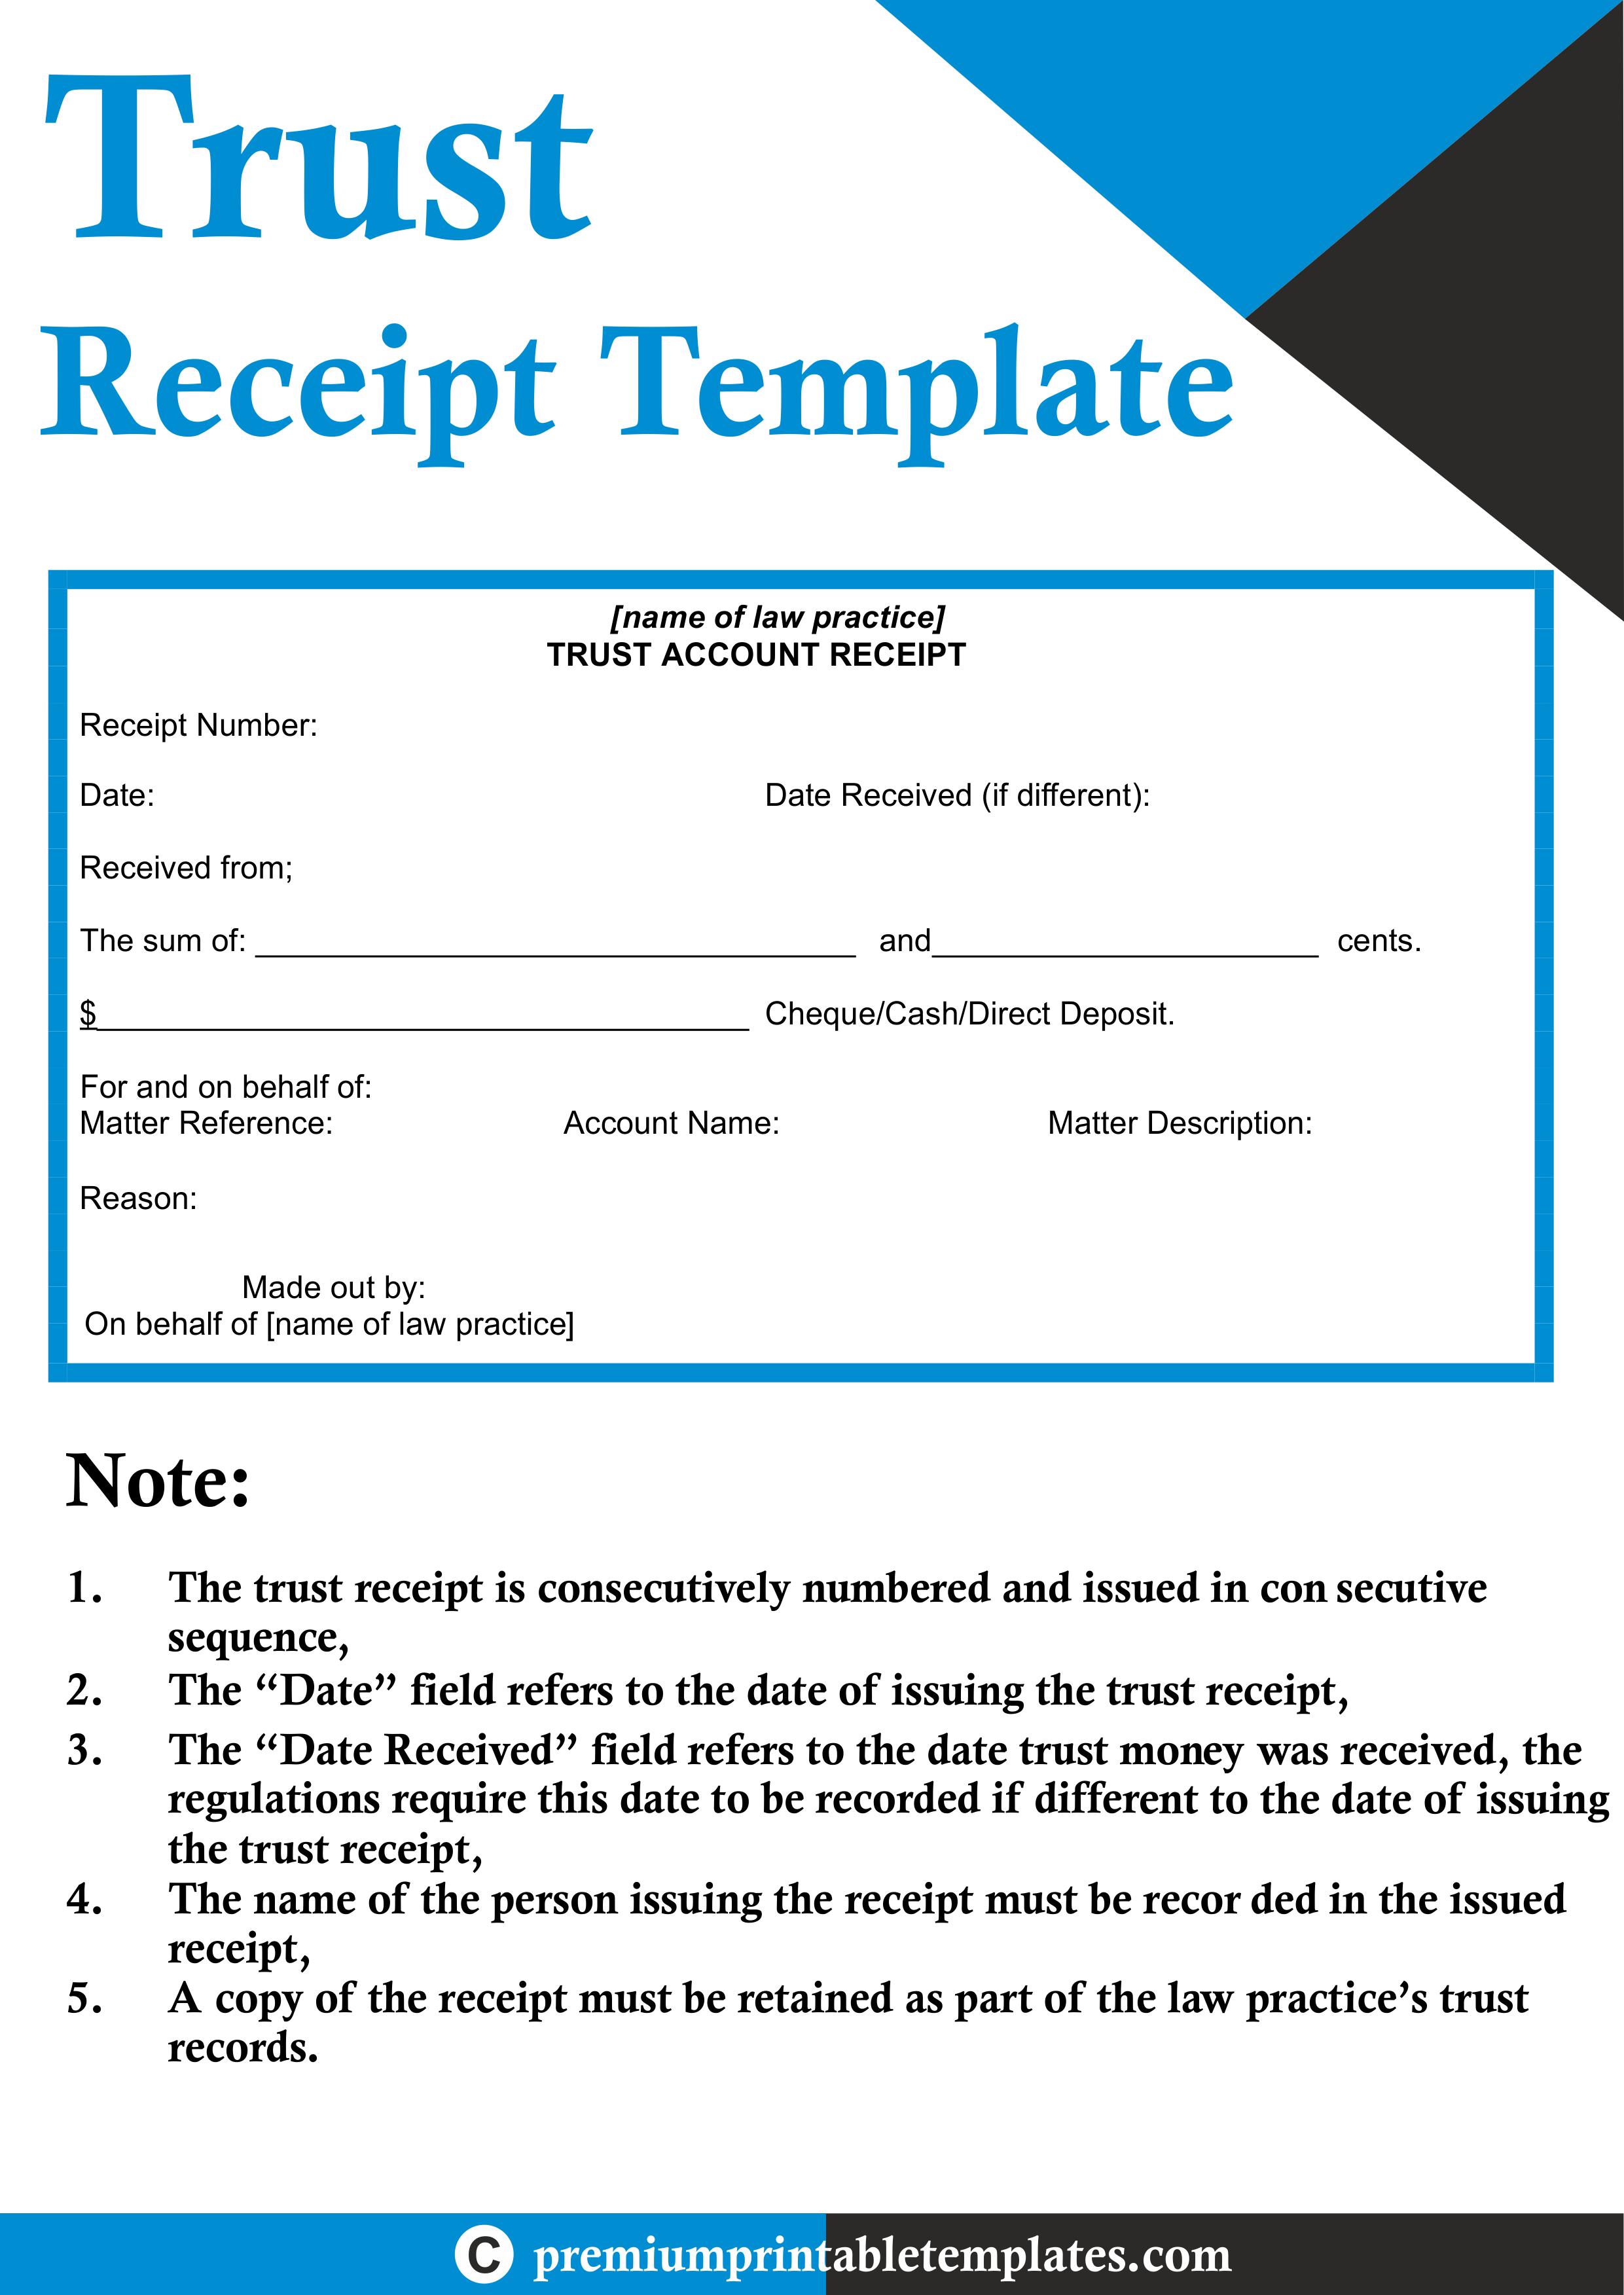 Trust Receipt Template Pack Of 5 Premium Printable Templates Receipt Template Template Printable Templates